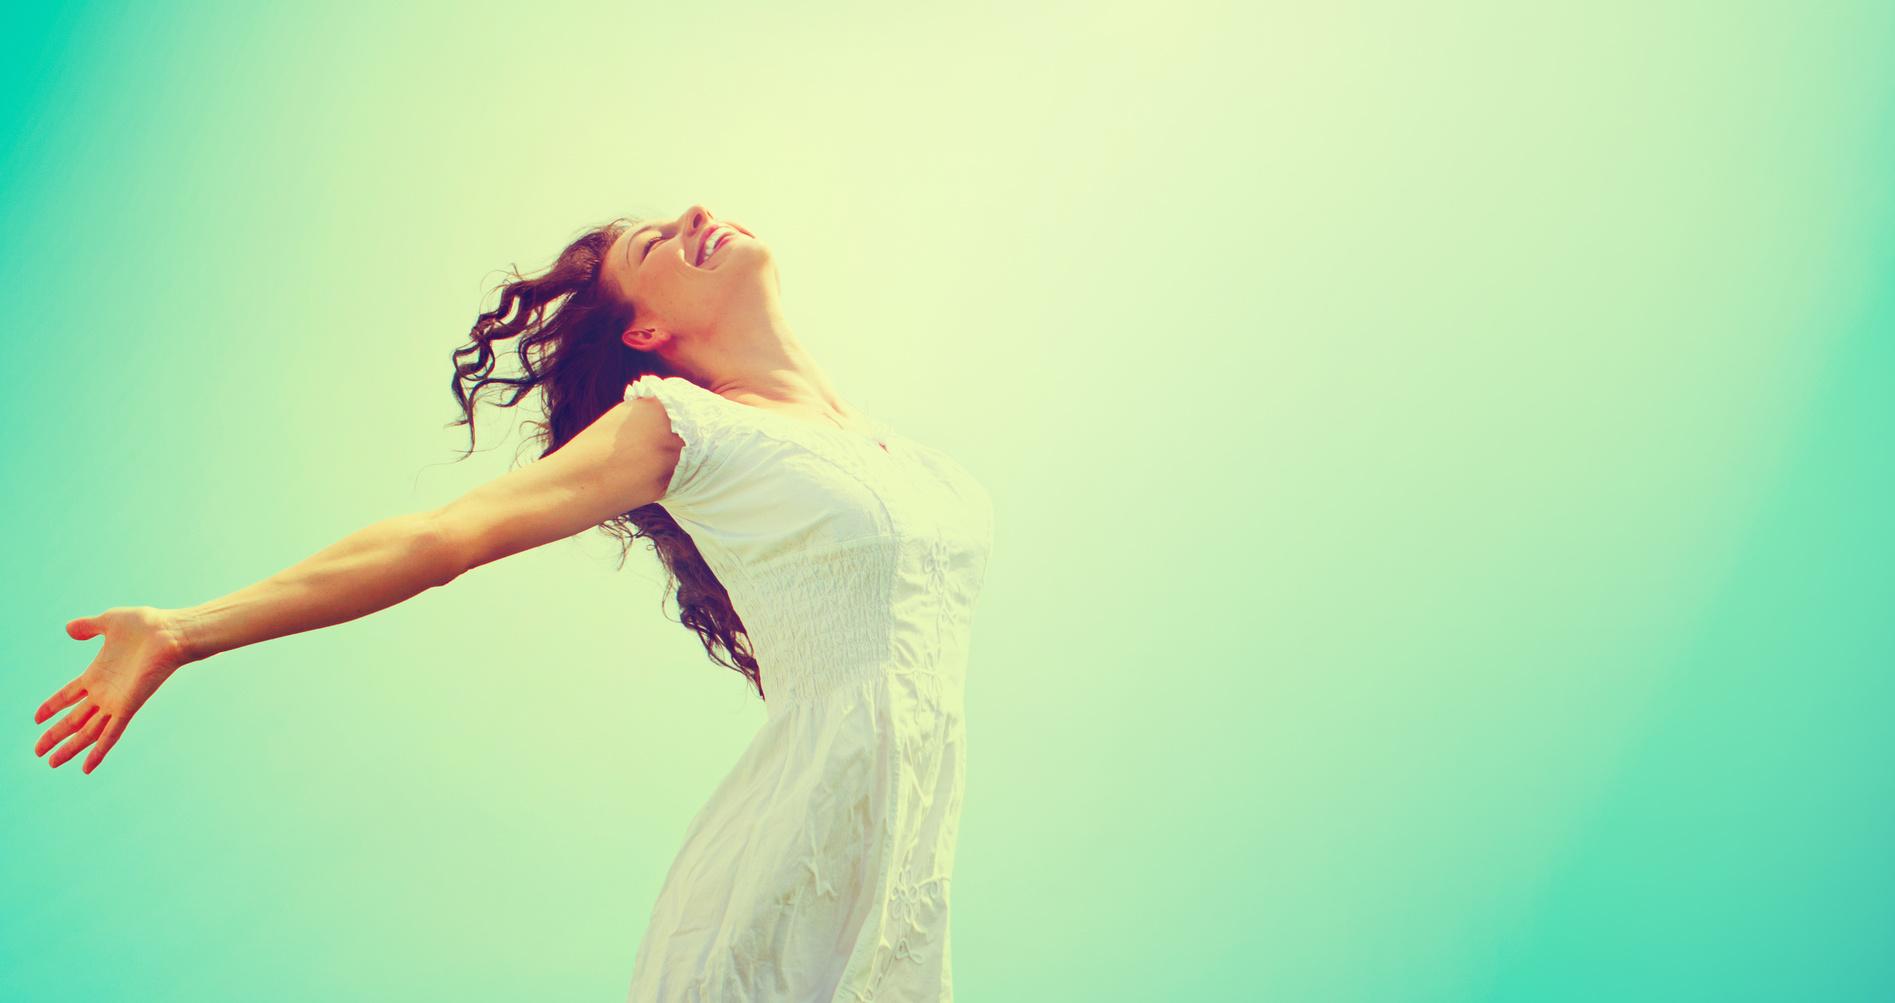 Free Happy Woman Enjoying Nature. Befriend Your Hormones